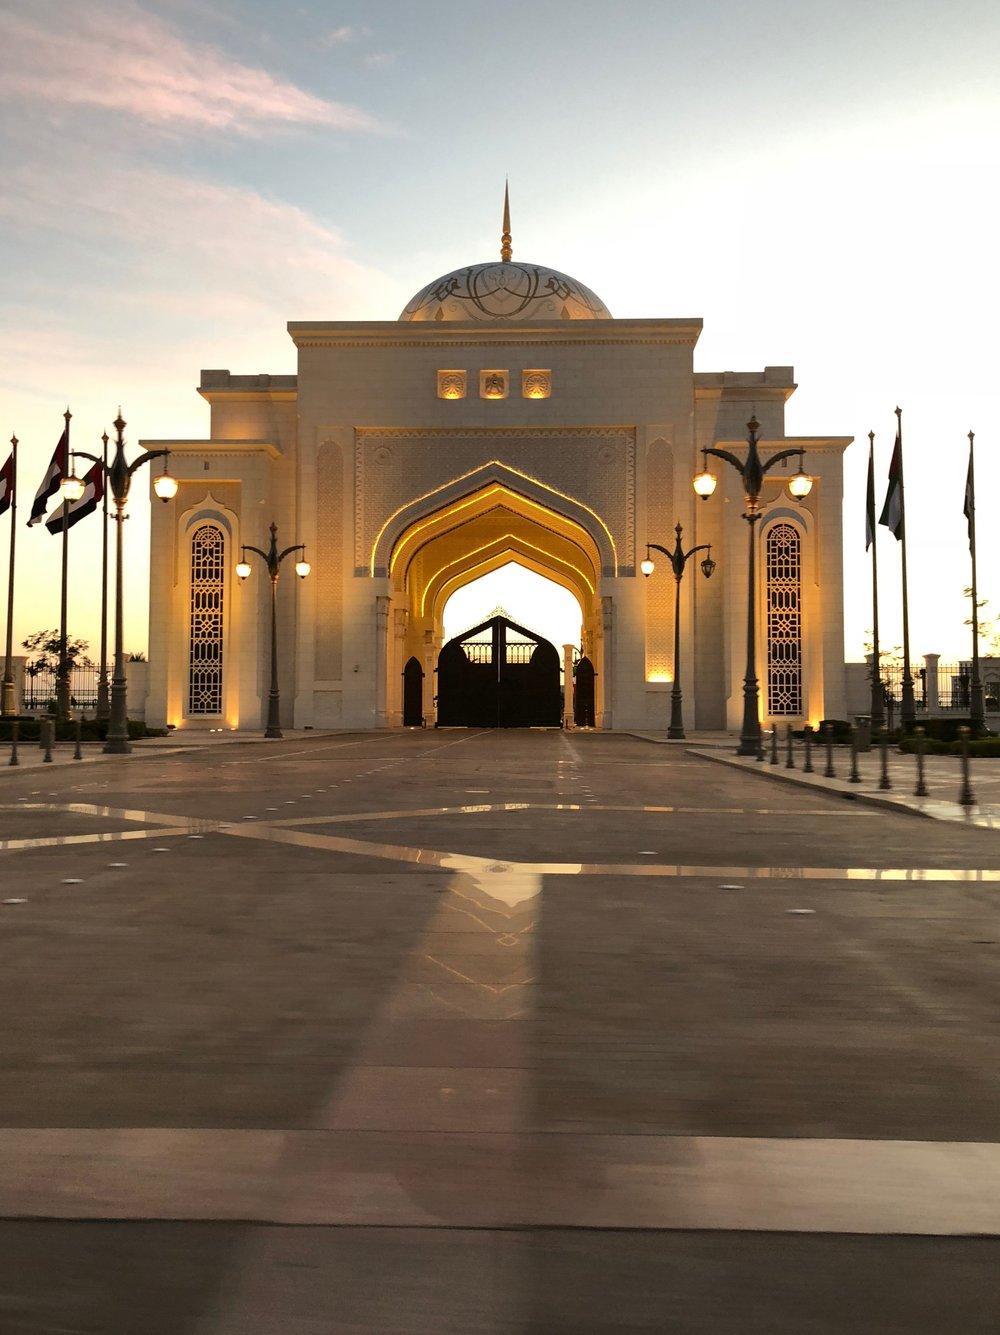 Abu Dhabi PALACE ENTRANCE.jpg